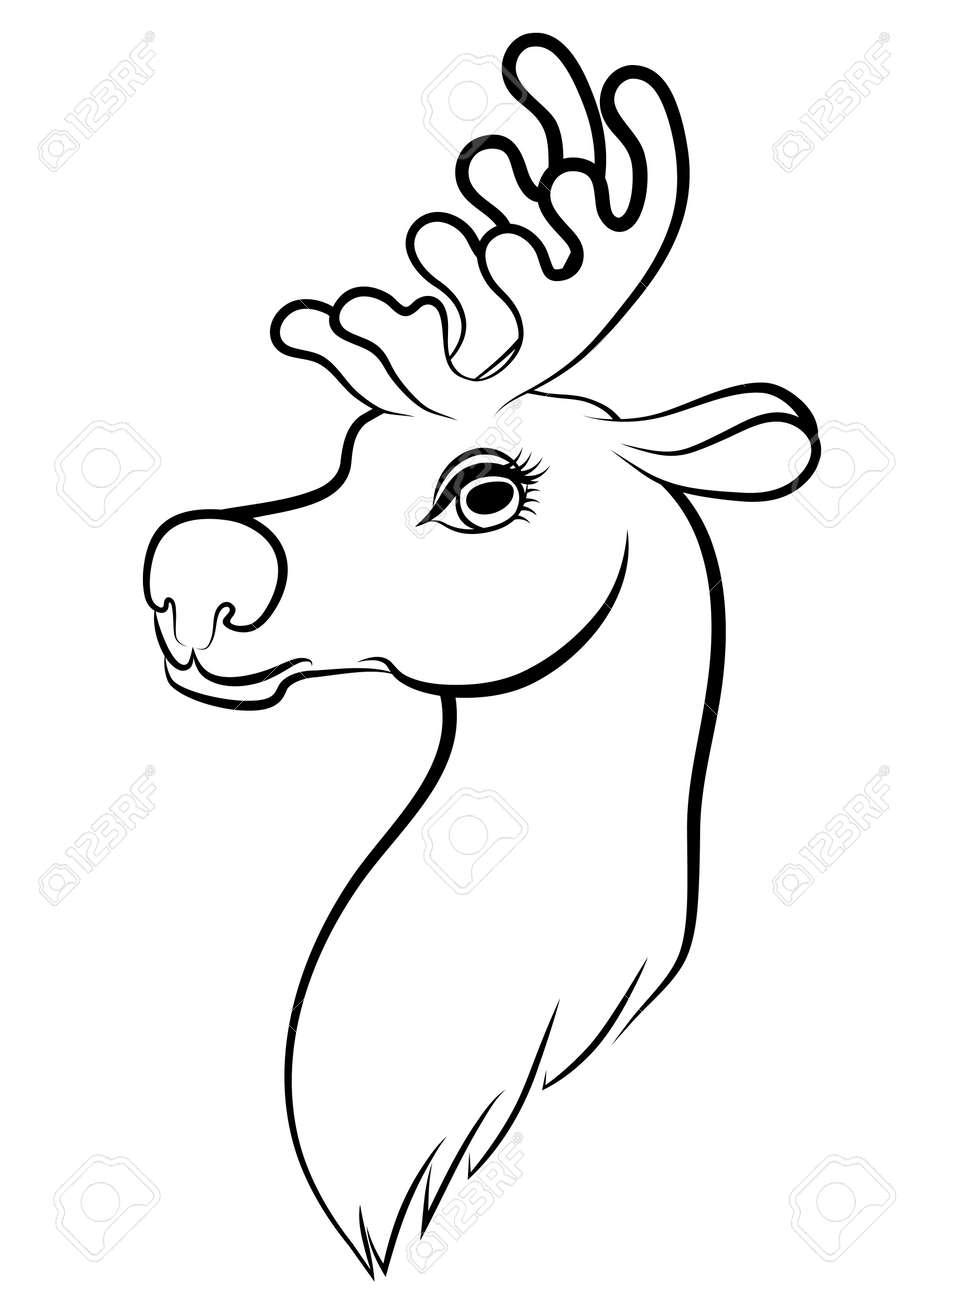 Dibujos De Renos De Navidad. Reno Navidad Vector Ilustracin De ...